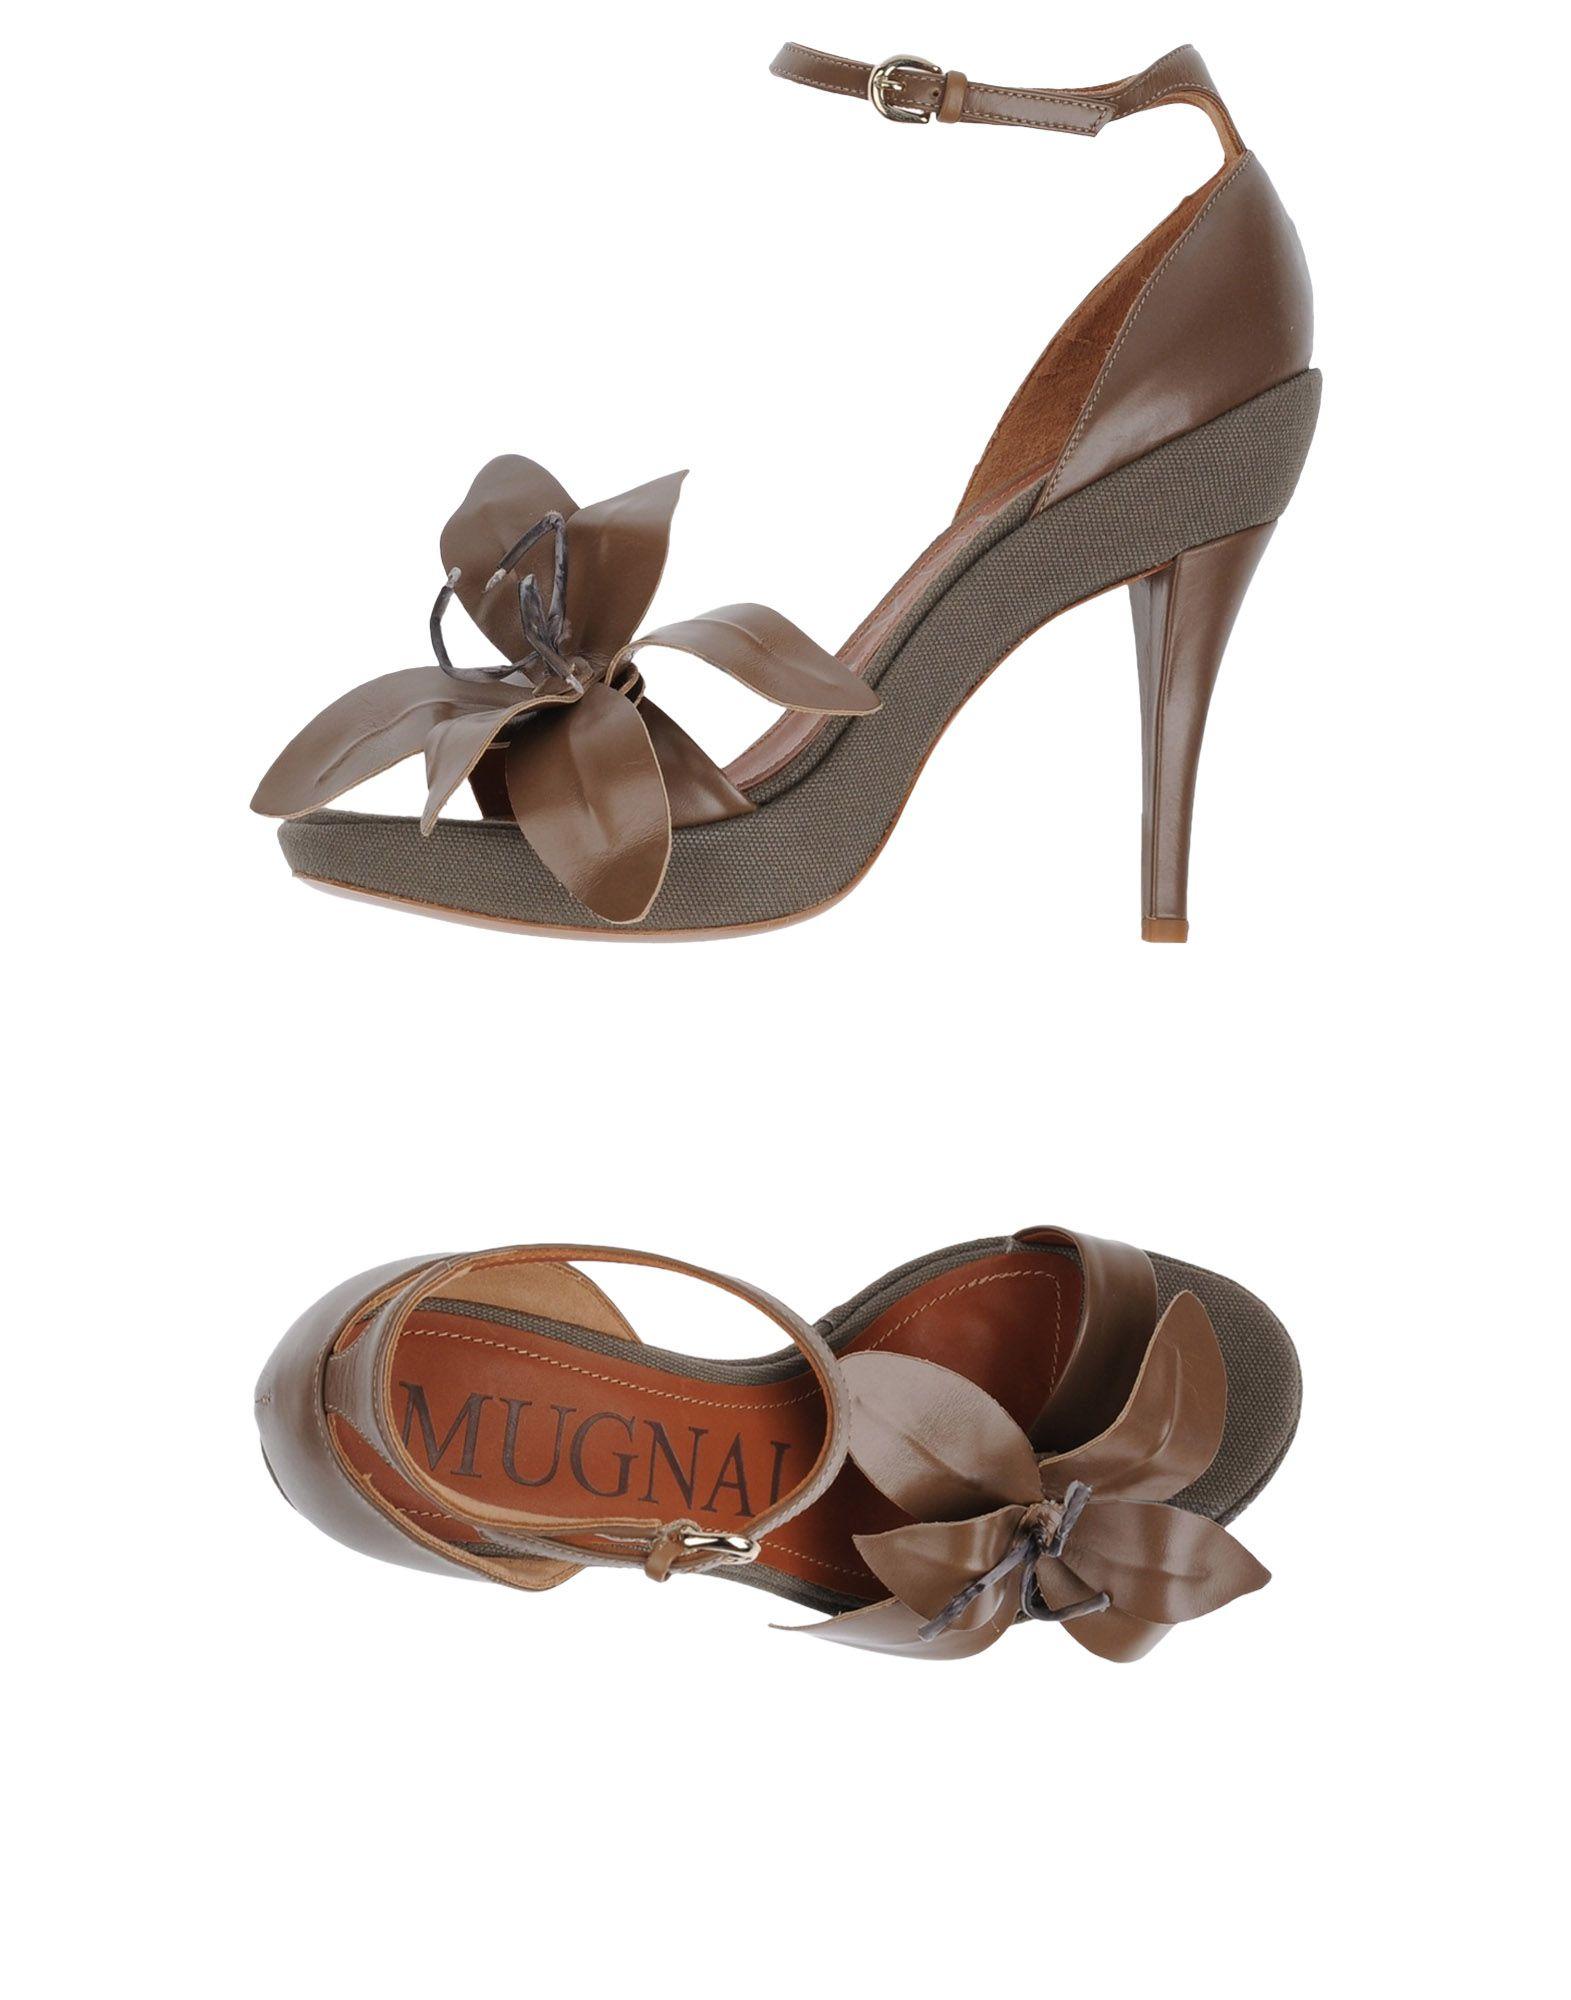 Mugnai Sandalen Damen  11314858VN Gute Qualität beliebte Schuhe